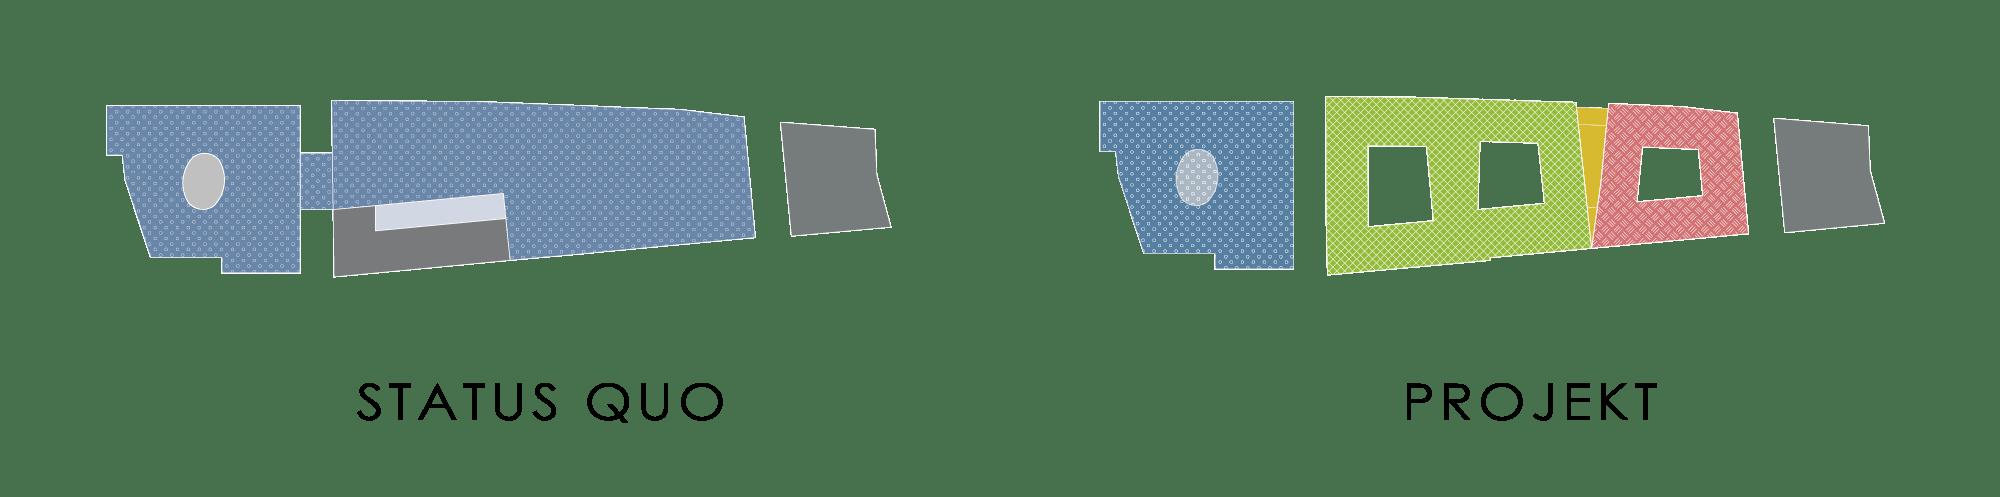 Nutzungsvielfalt der Gebäude_ Status Quo im Vergleich zum Projekt